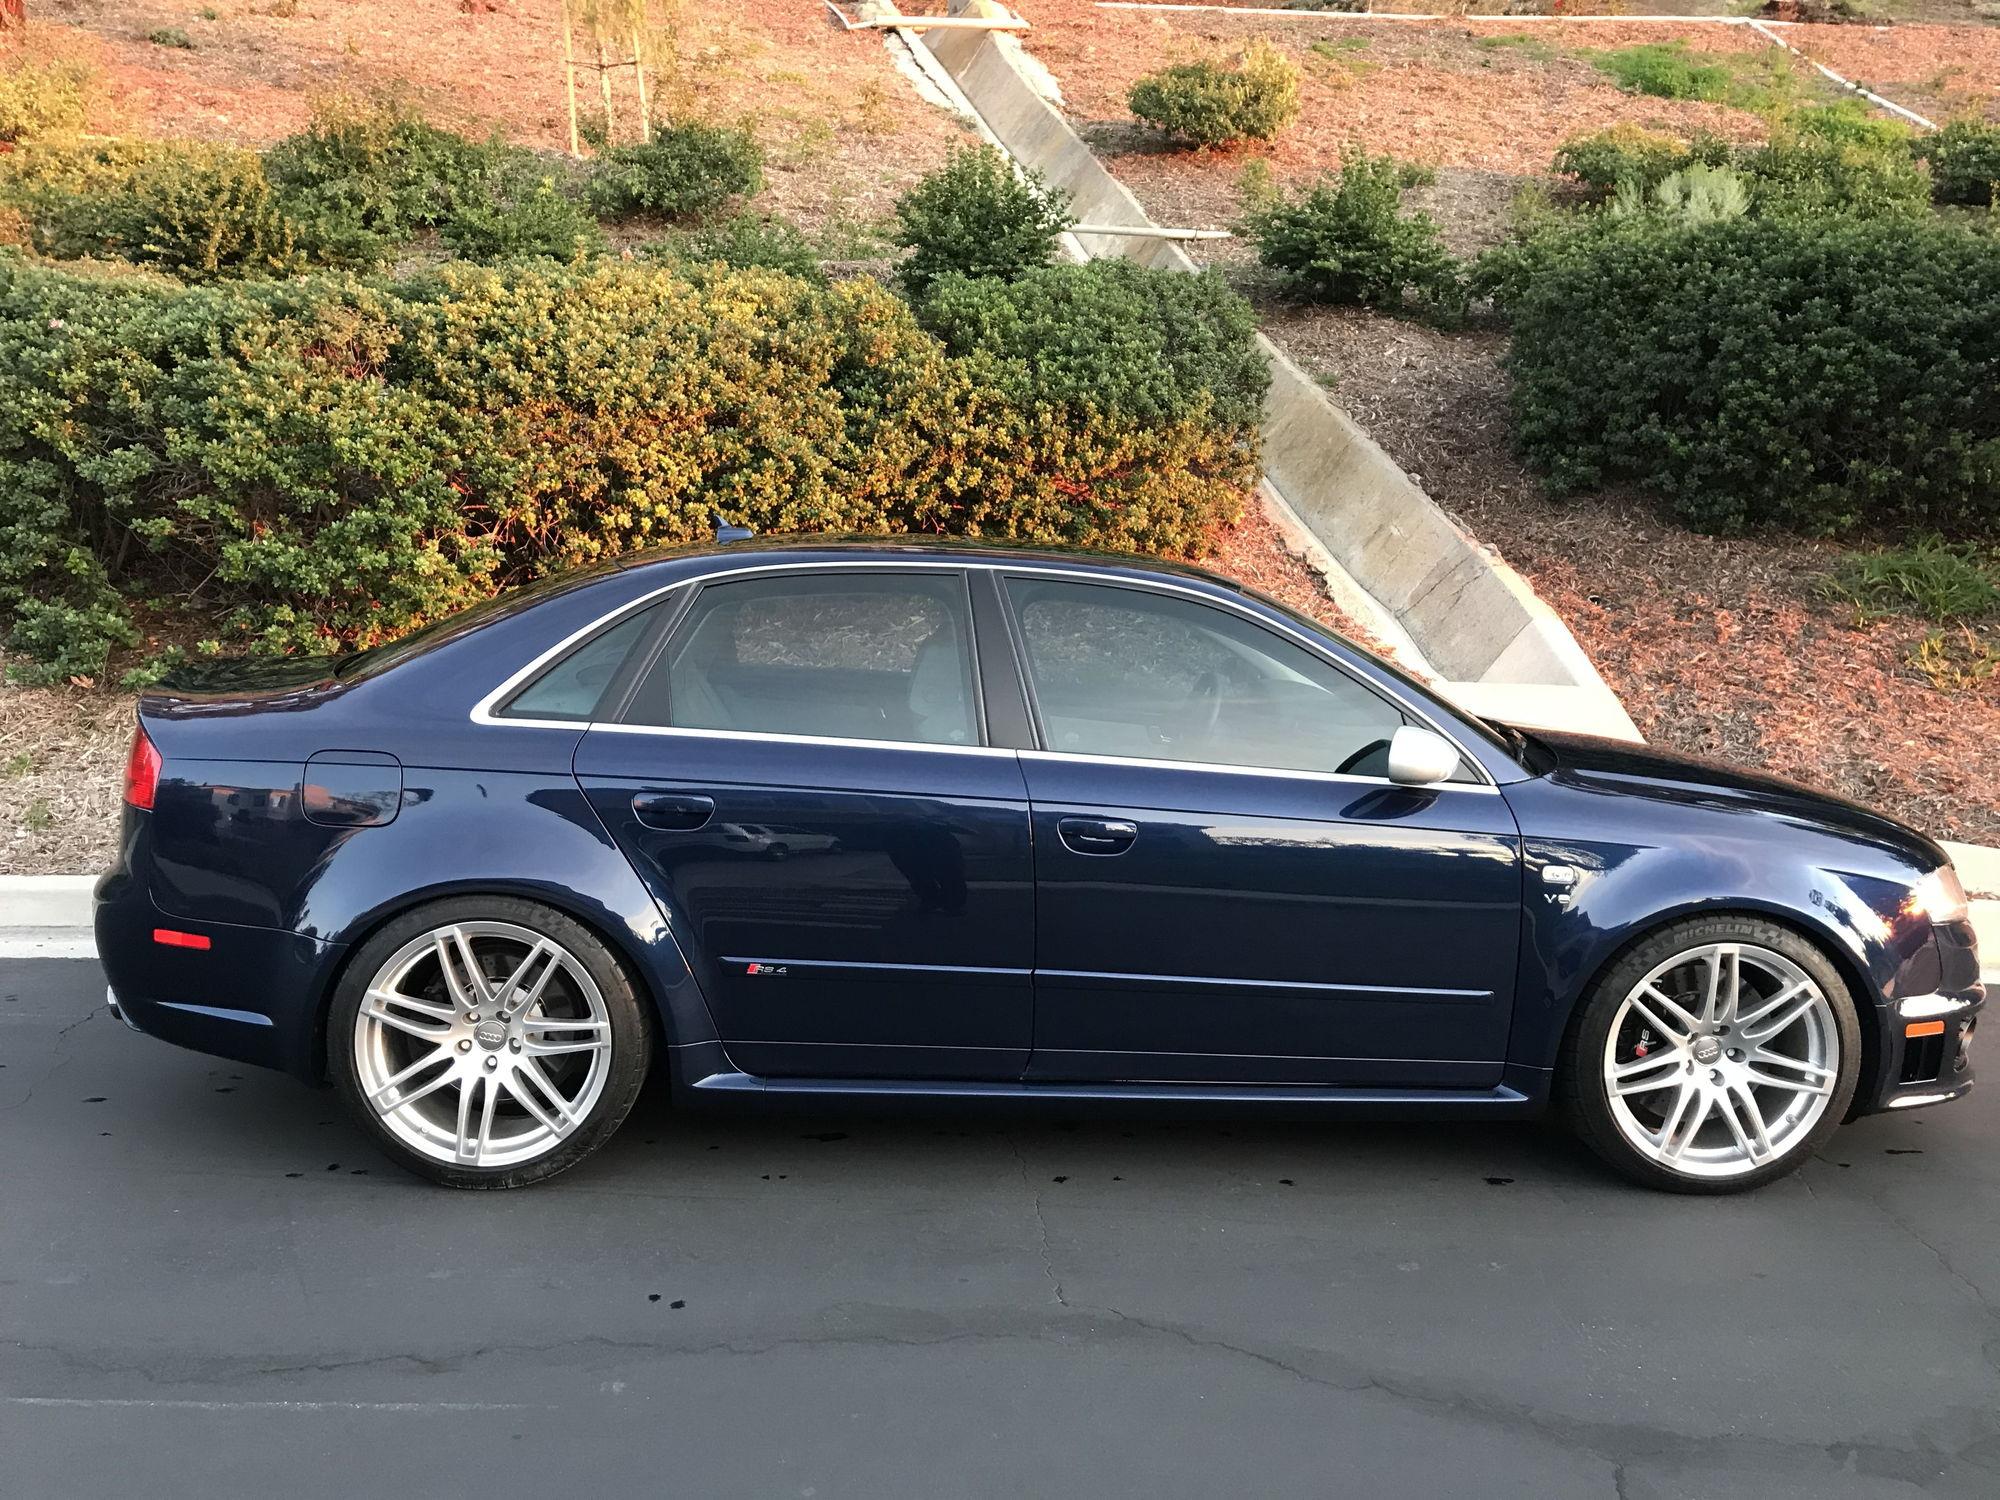 Kelebihan Audi Rs4 2007 Spesifikasi